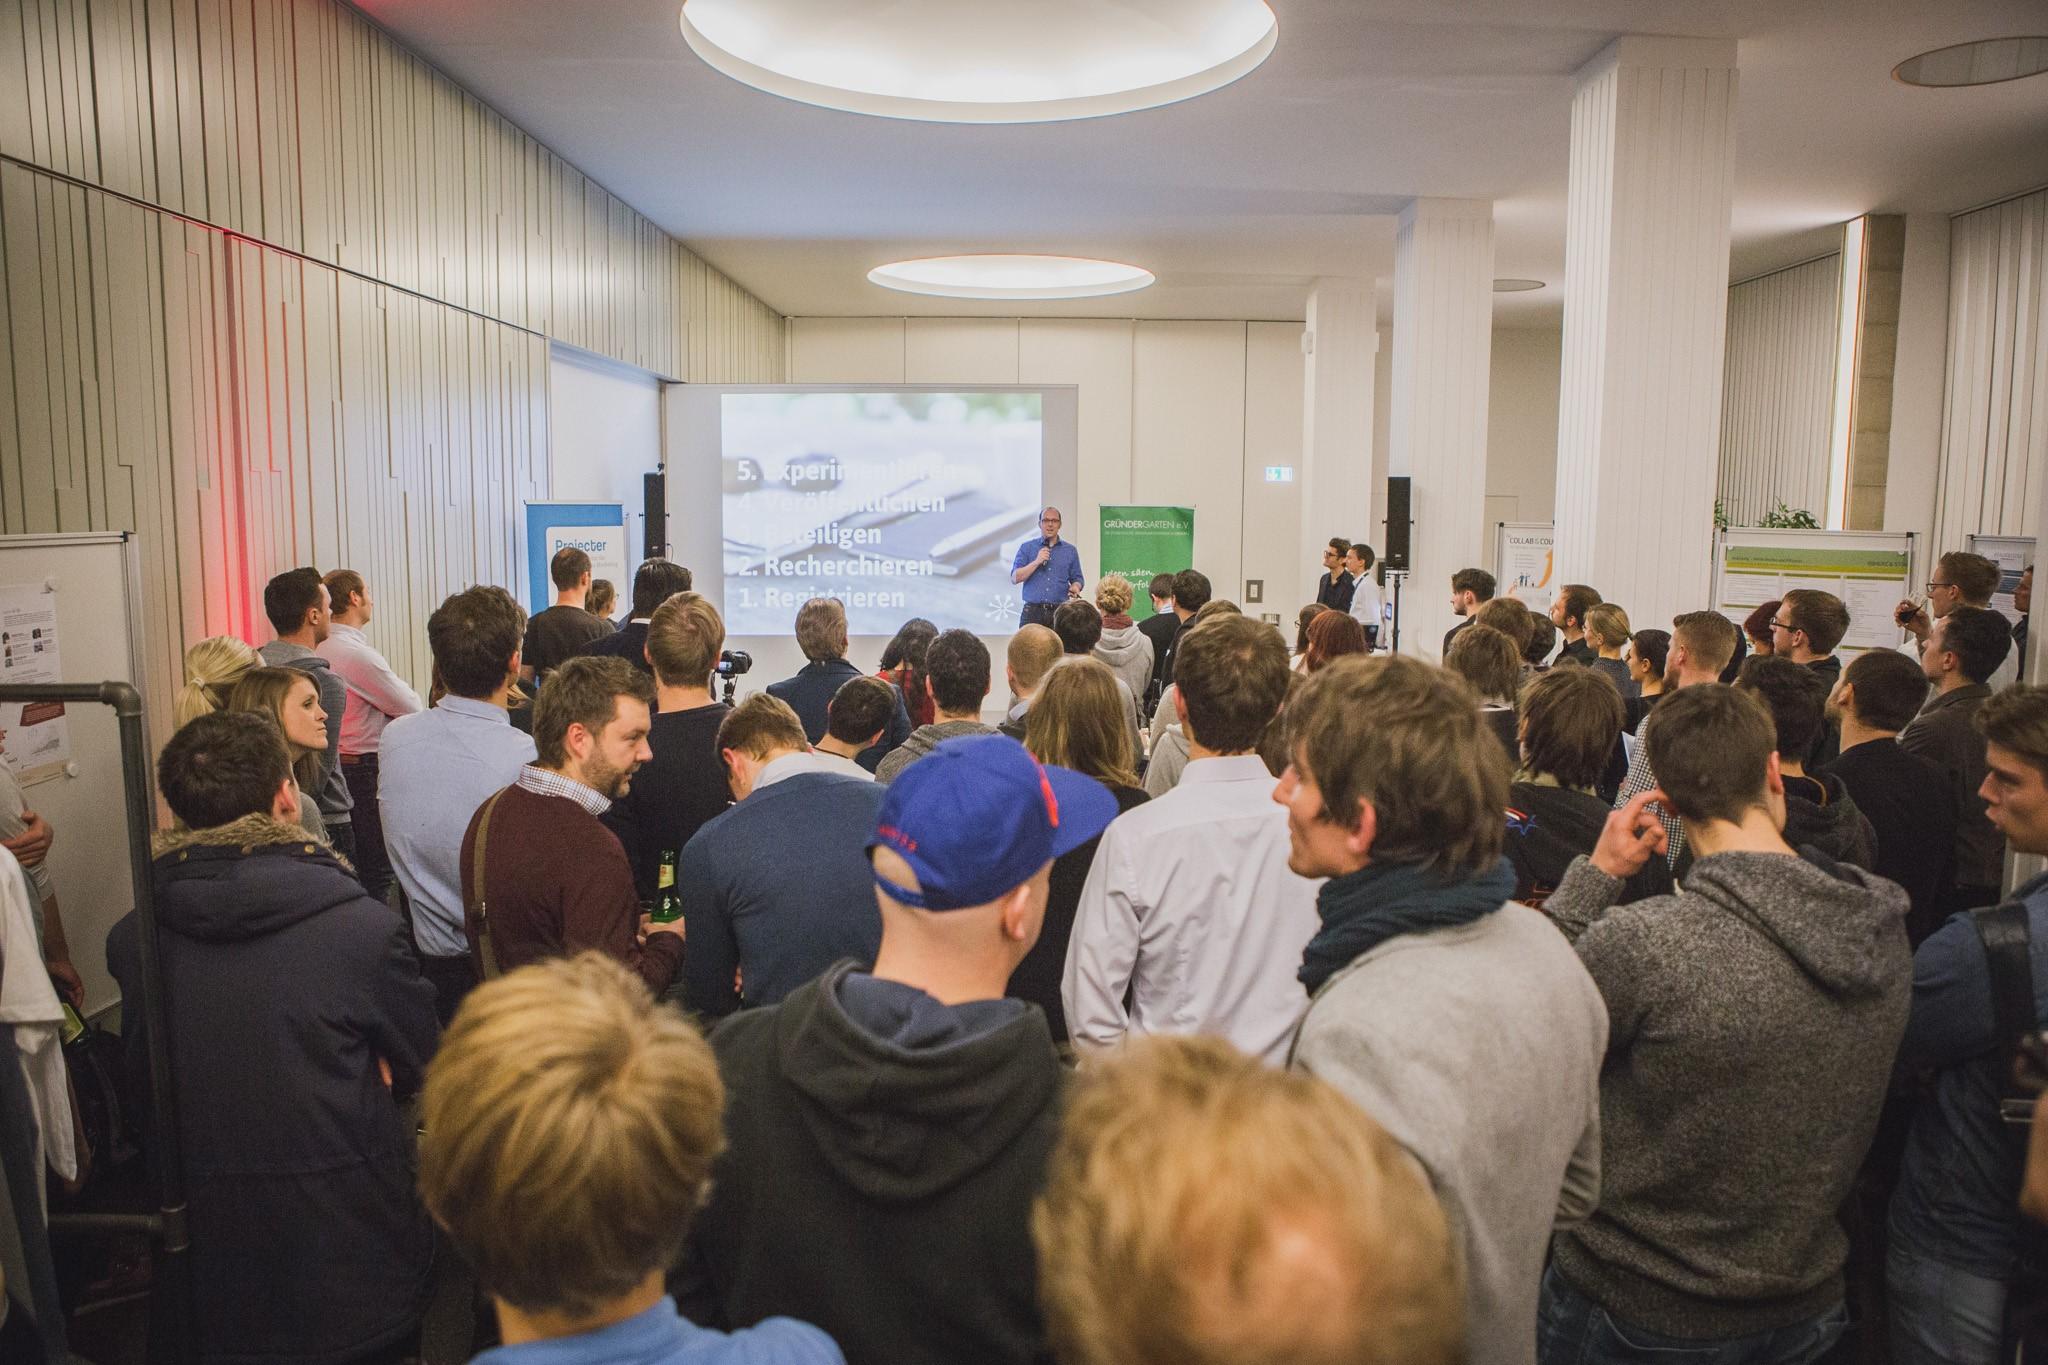 GründerAbend #2 – Dirk Spannaus gibt wichtige Impulse in Sachen Social Media.